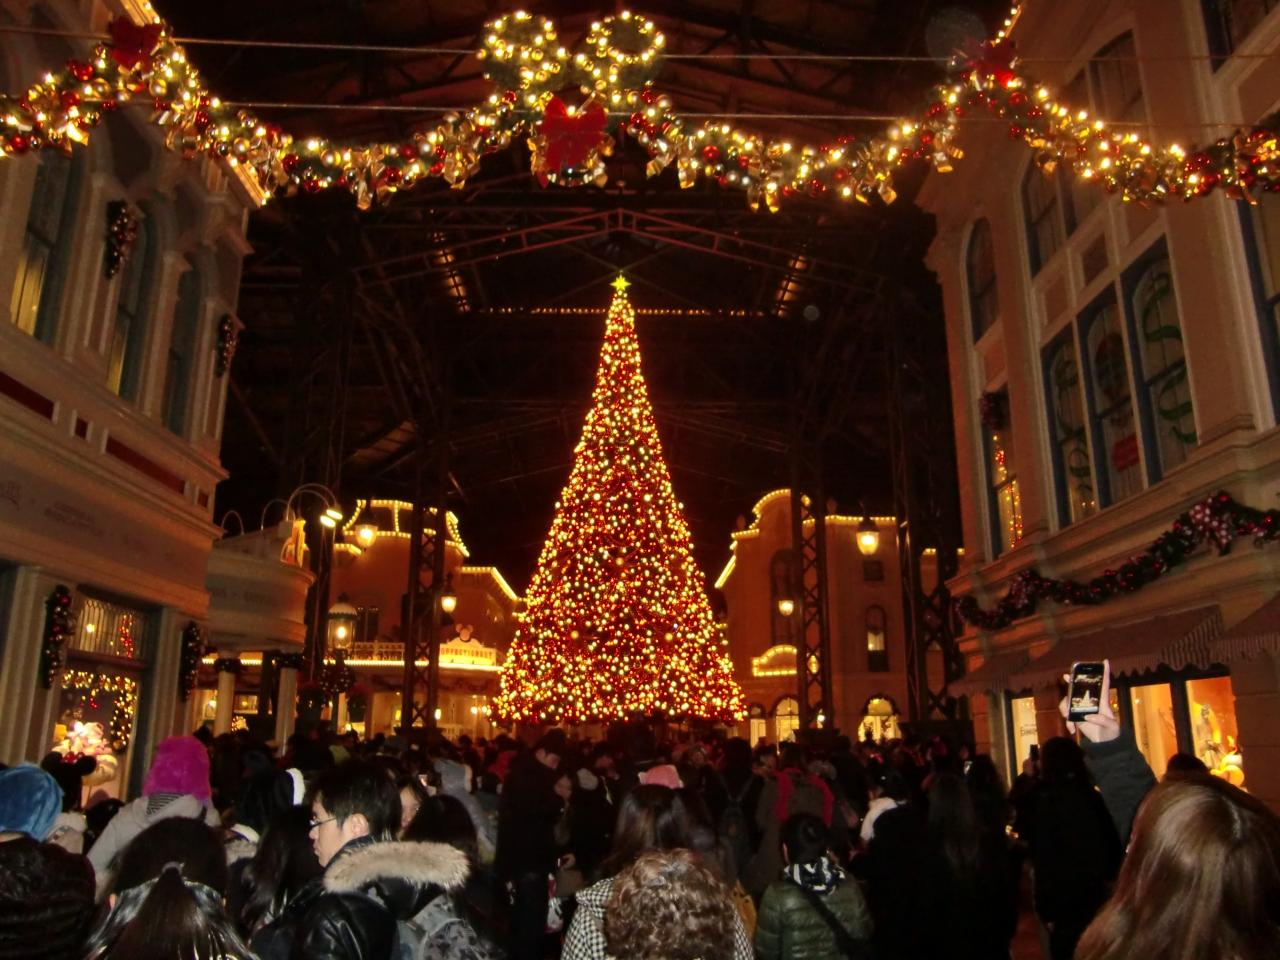 2011 クリスマス・イブ ディズニーランド』東京ディズニーリゾート(千葉